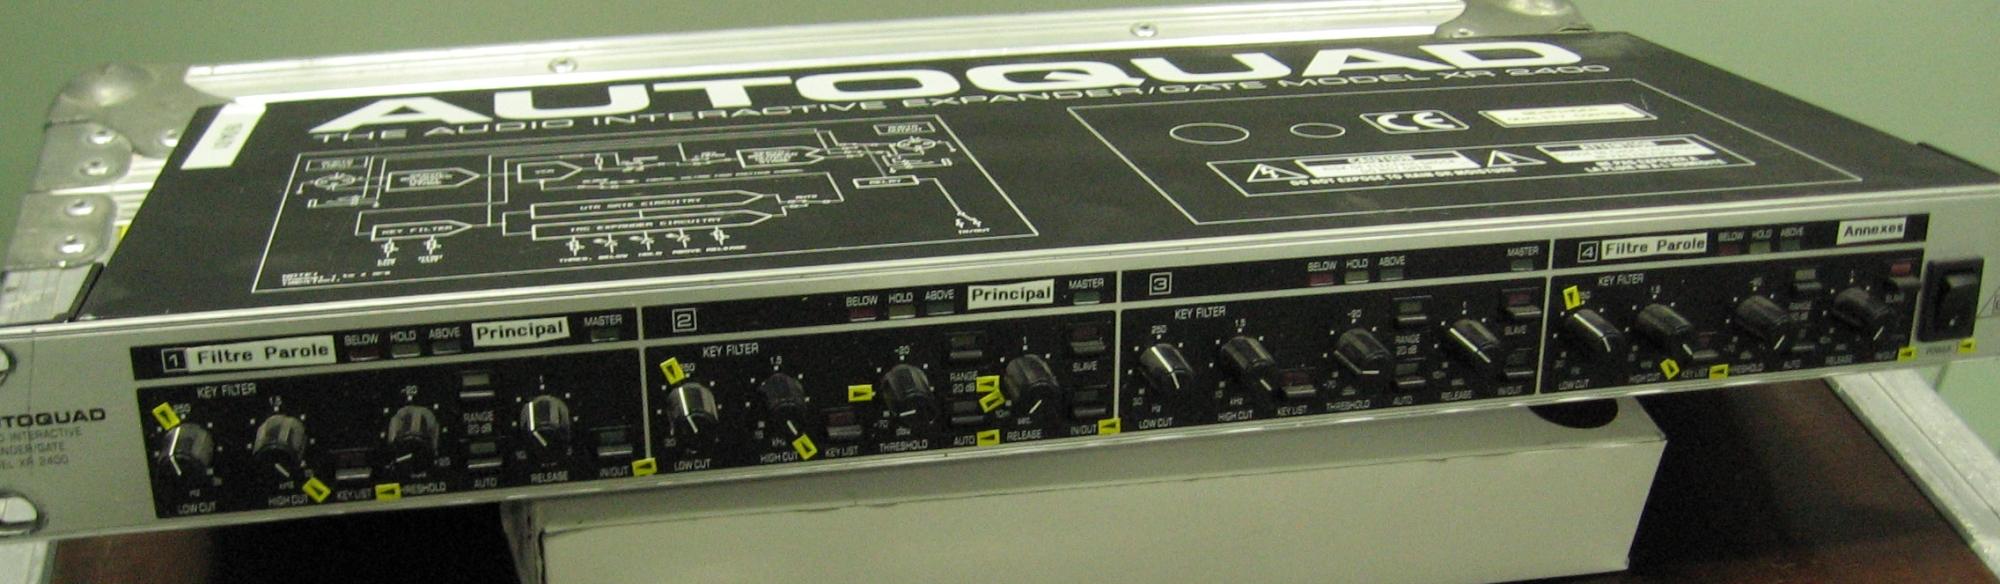 behringer autoquad xr2400 image 384782 audiofanzine rh en audiofanzine com Crossover Behringer Manuals Crossover Behringer Manuals